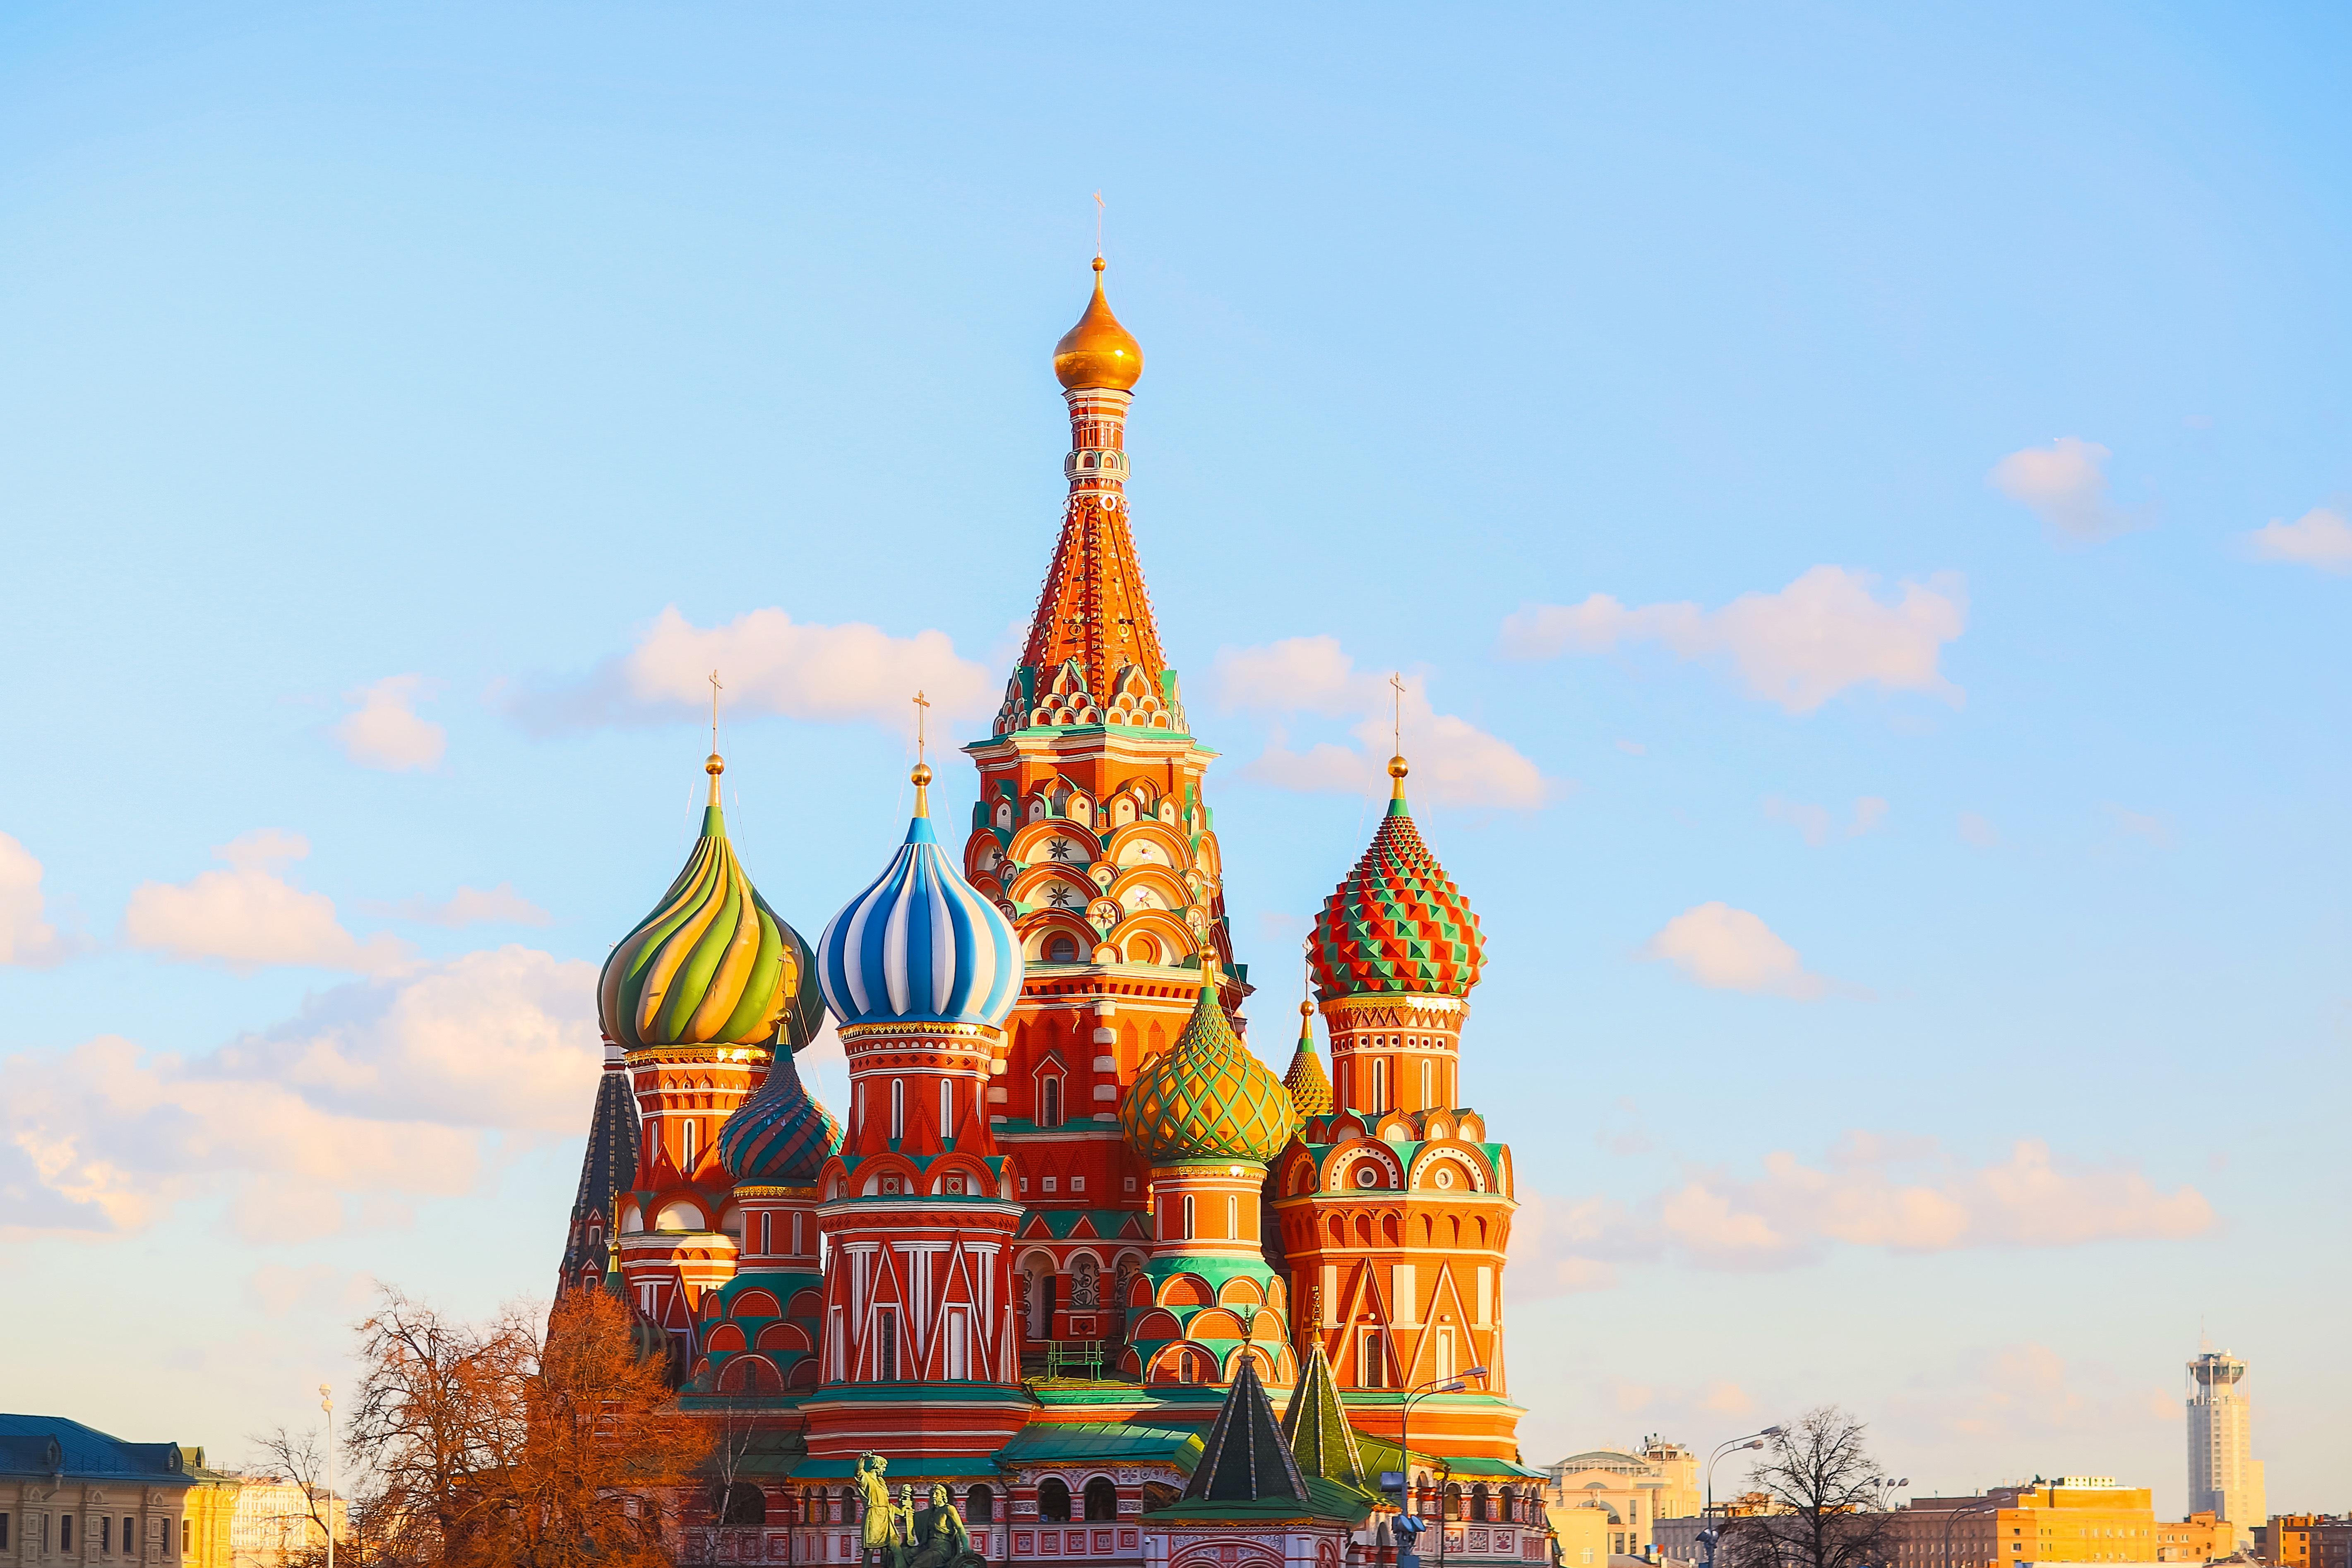 Θεσσαλονίκη- Μόσχα: Πτήσεις όλο τον χρόνο!